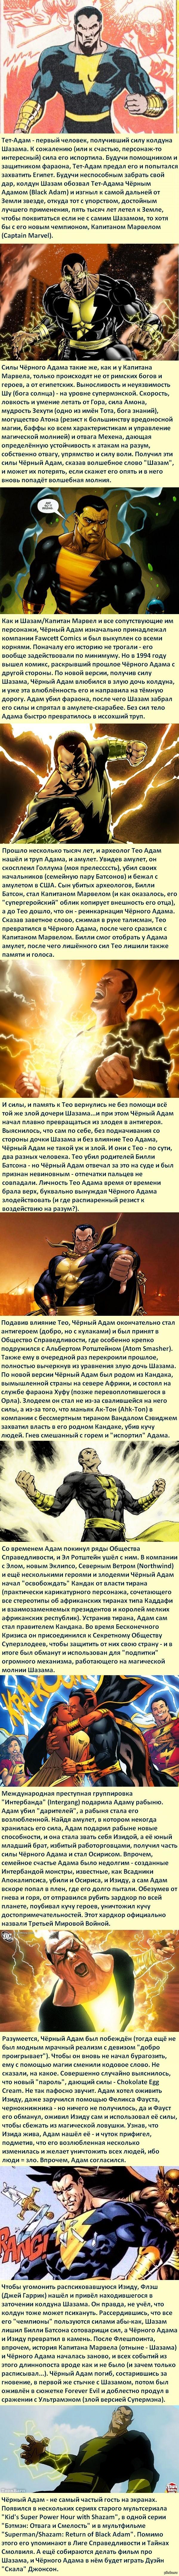 """Факты о суперзлодеях: Чёрный Адам Дуэйн """"Шазам"""" Джонсон давно напрашивался на эту роль."""